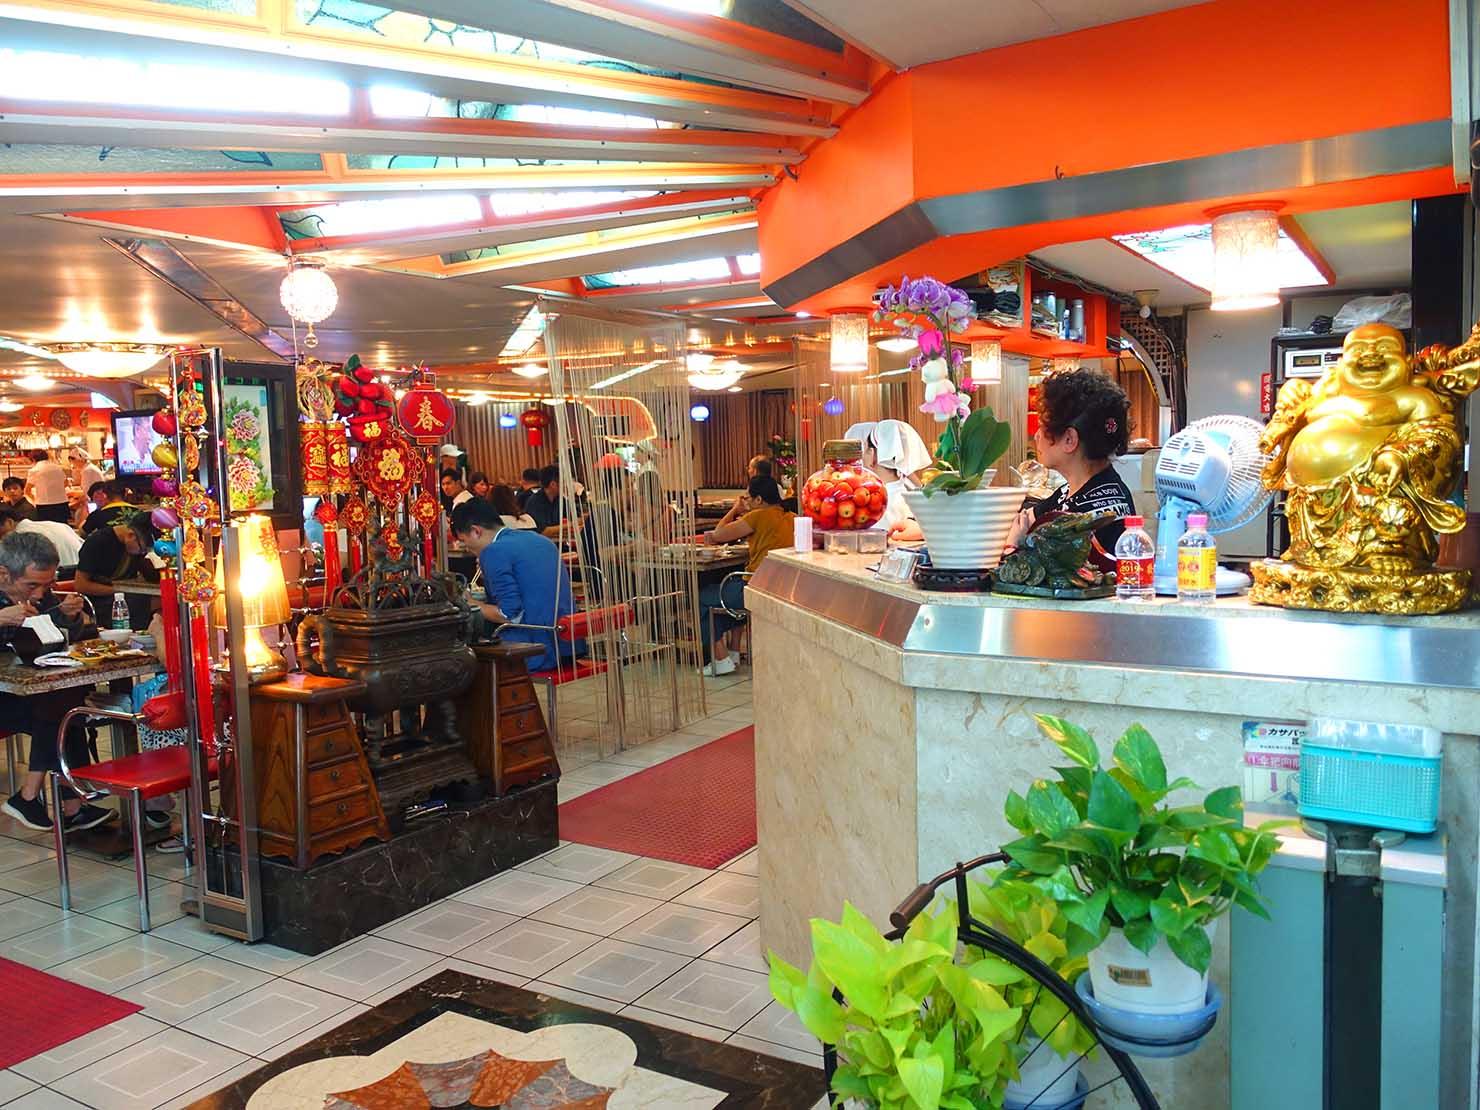 台北・西門町にある排骨飯の老舗「東一排骨總店」のカウンター